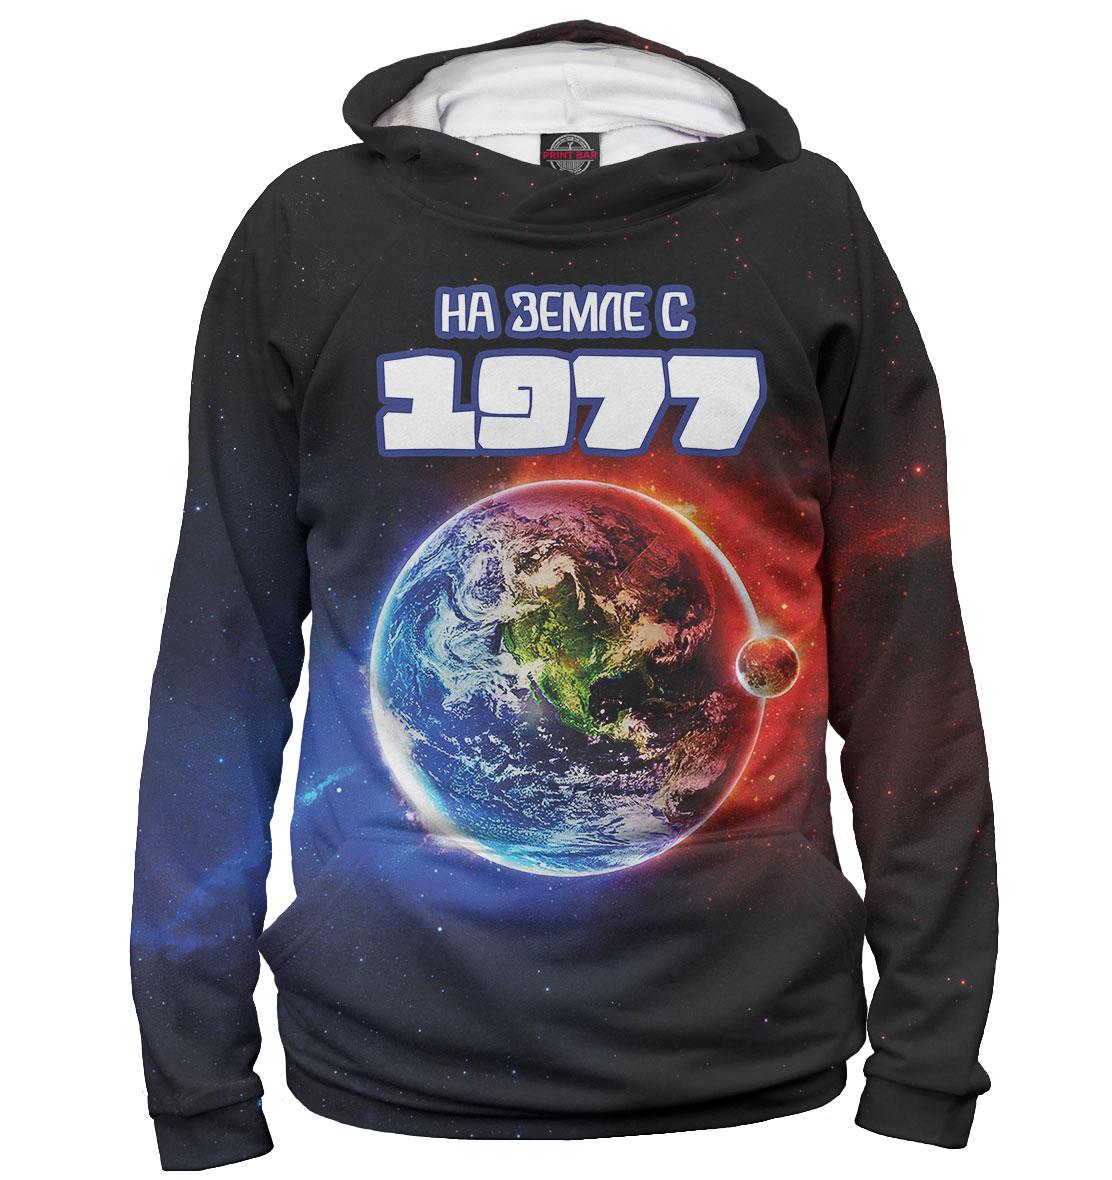 Купить На Земле с 1977, Printbar, Худи, DSE-631472-hud-1